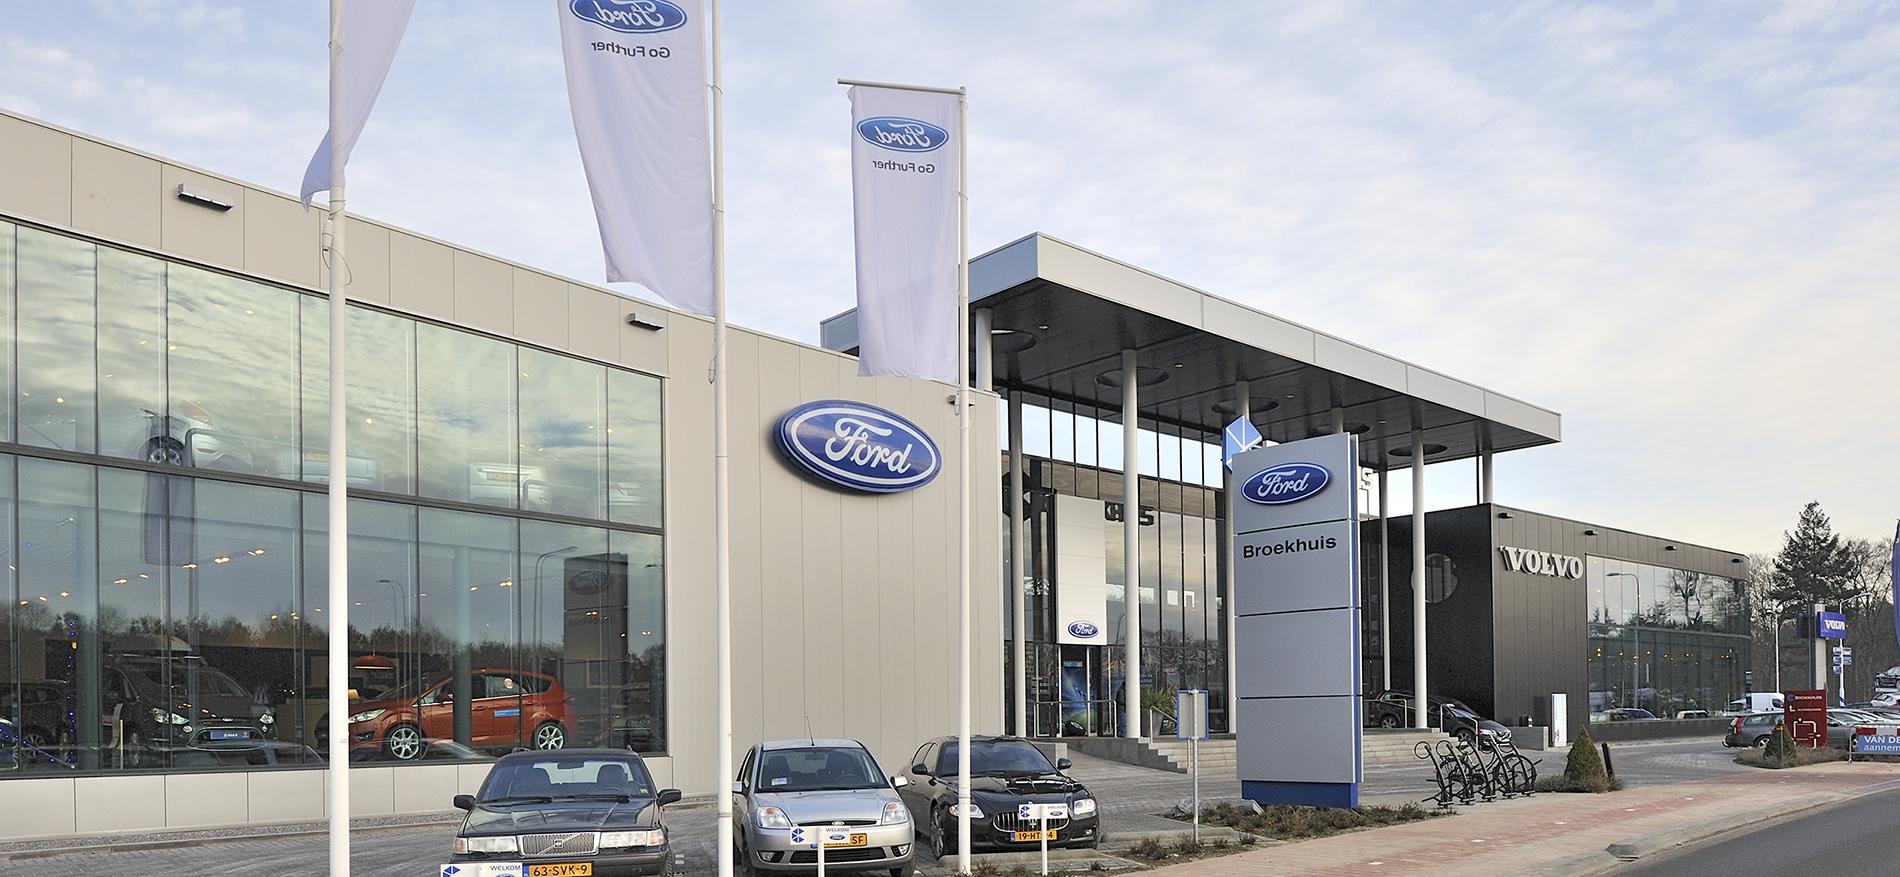 Interieur Showroom Inrichting Ford Broekhuis Zeist